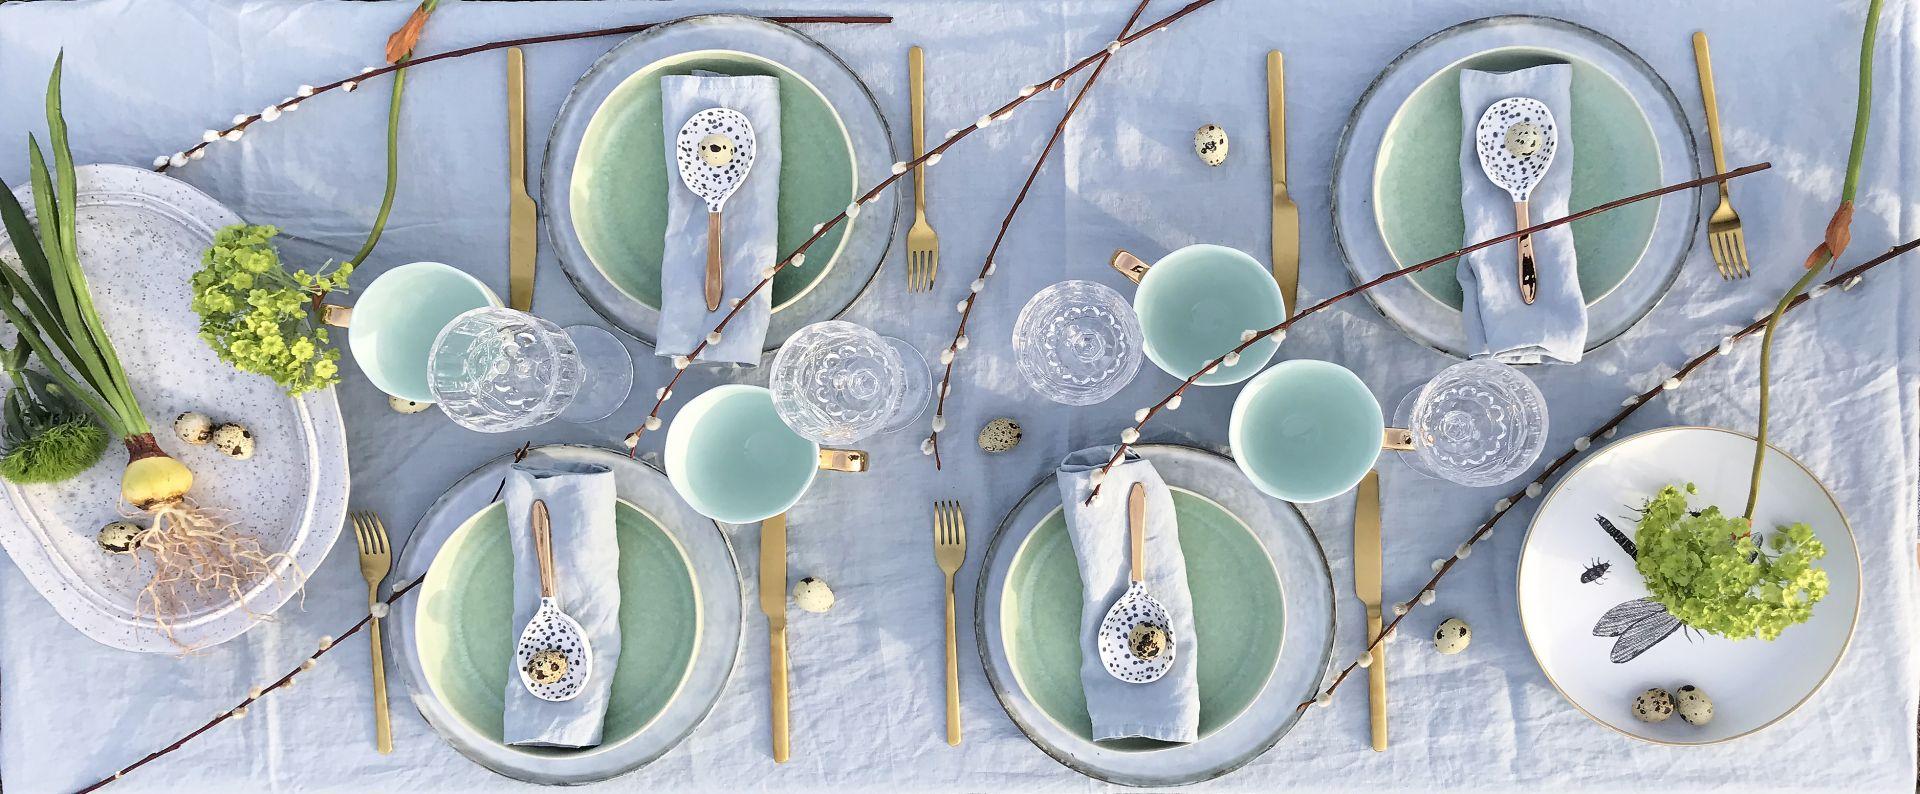 Aranżacja wiosennego stołu. Fot. Dutchhouse